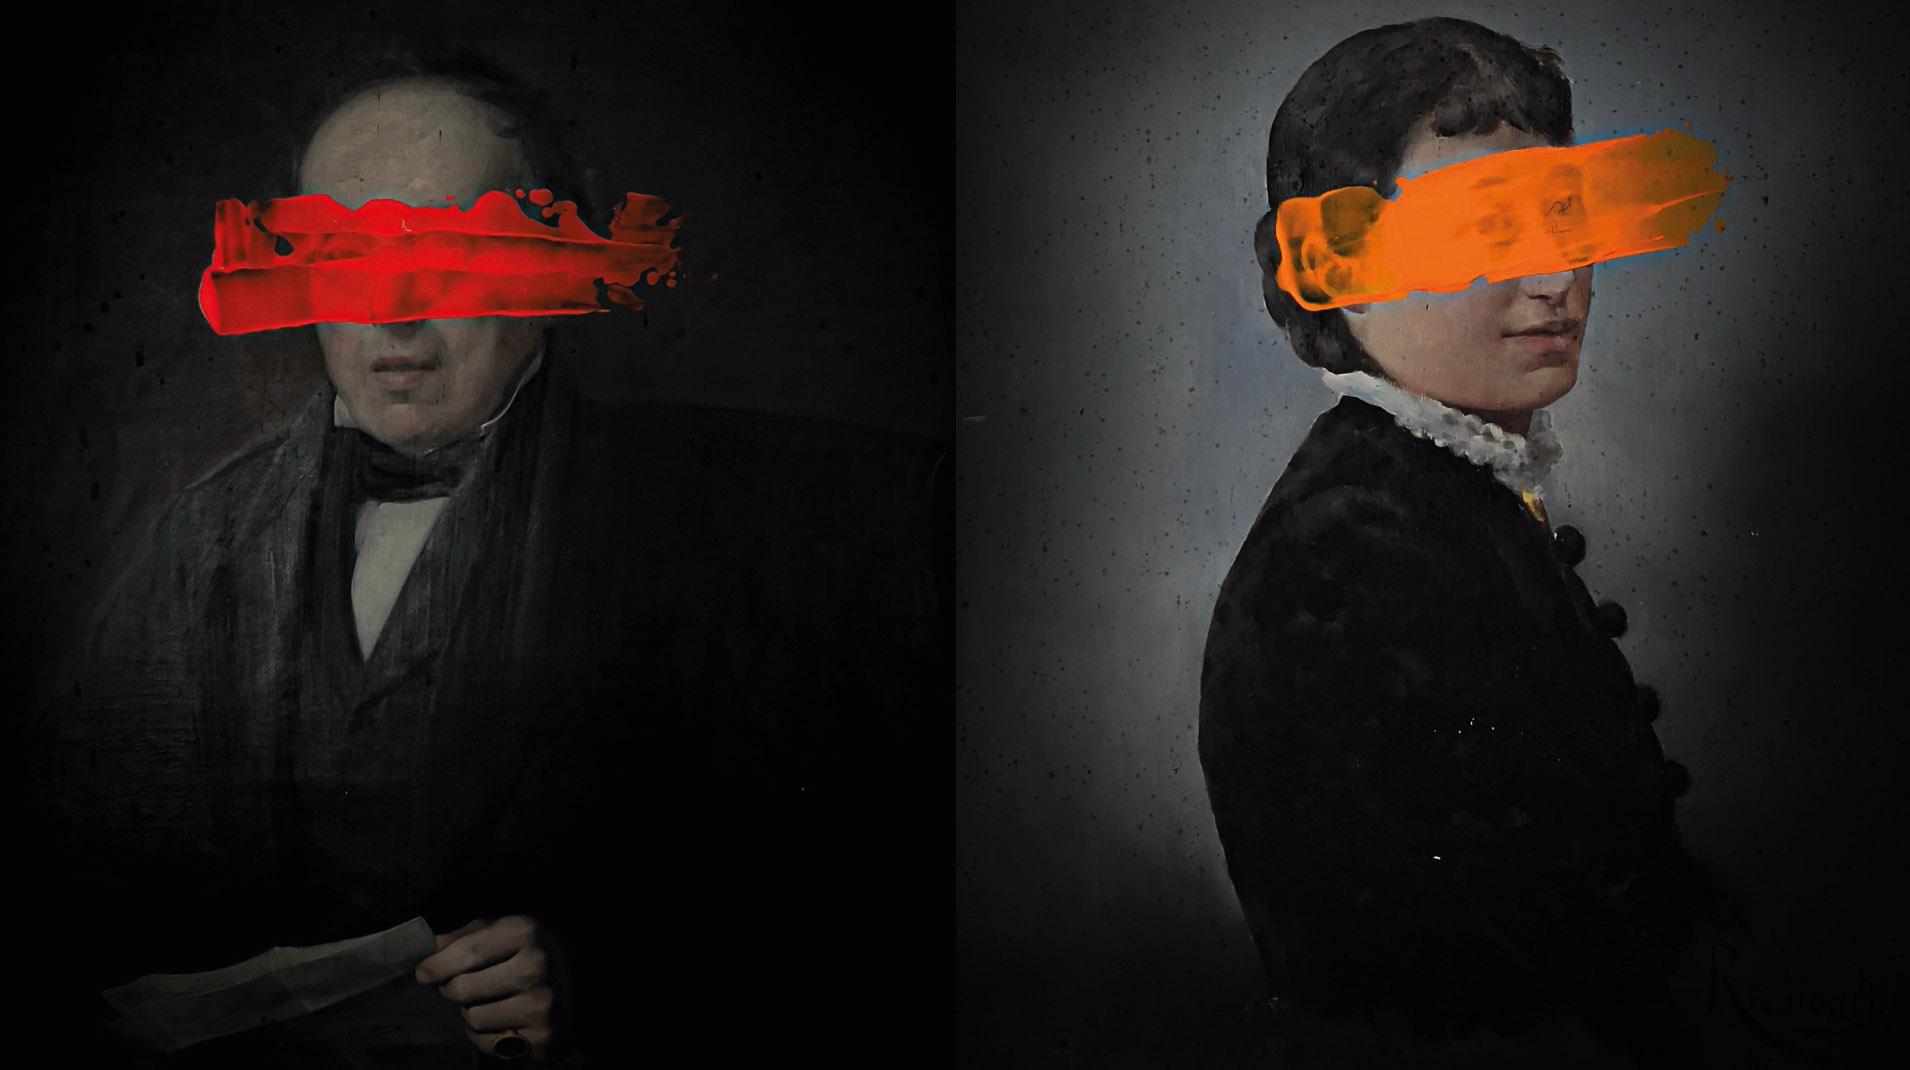 03-MEDUSA-AARON-NACHTAILER-ART-ARTIST-PAINTING